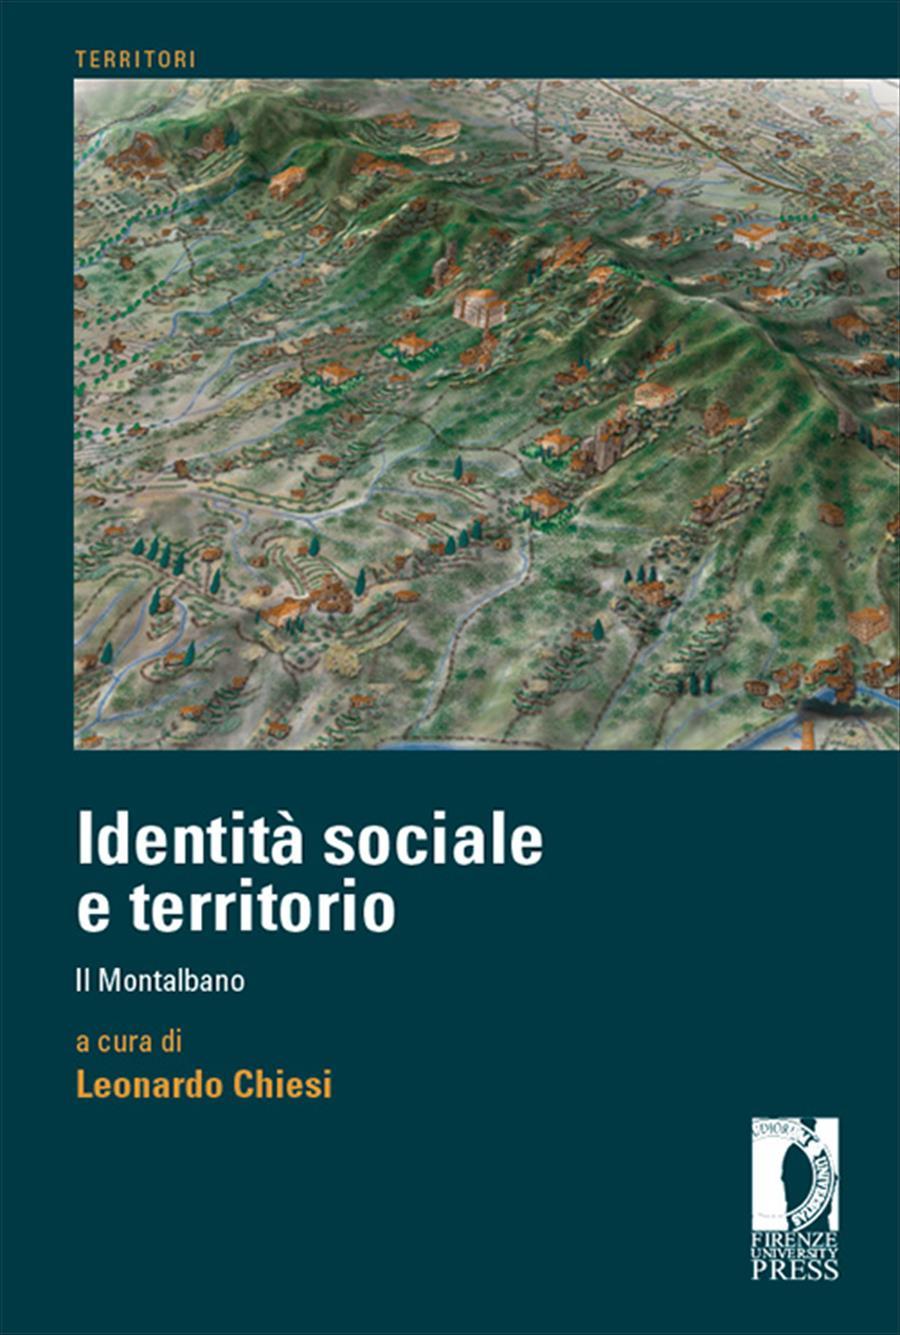 Identità sociale e territorio